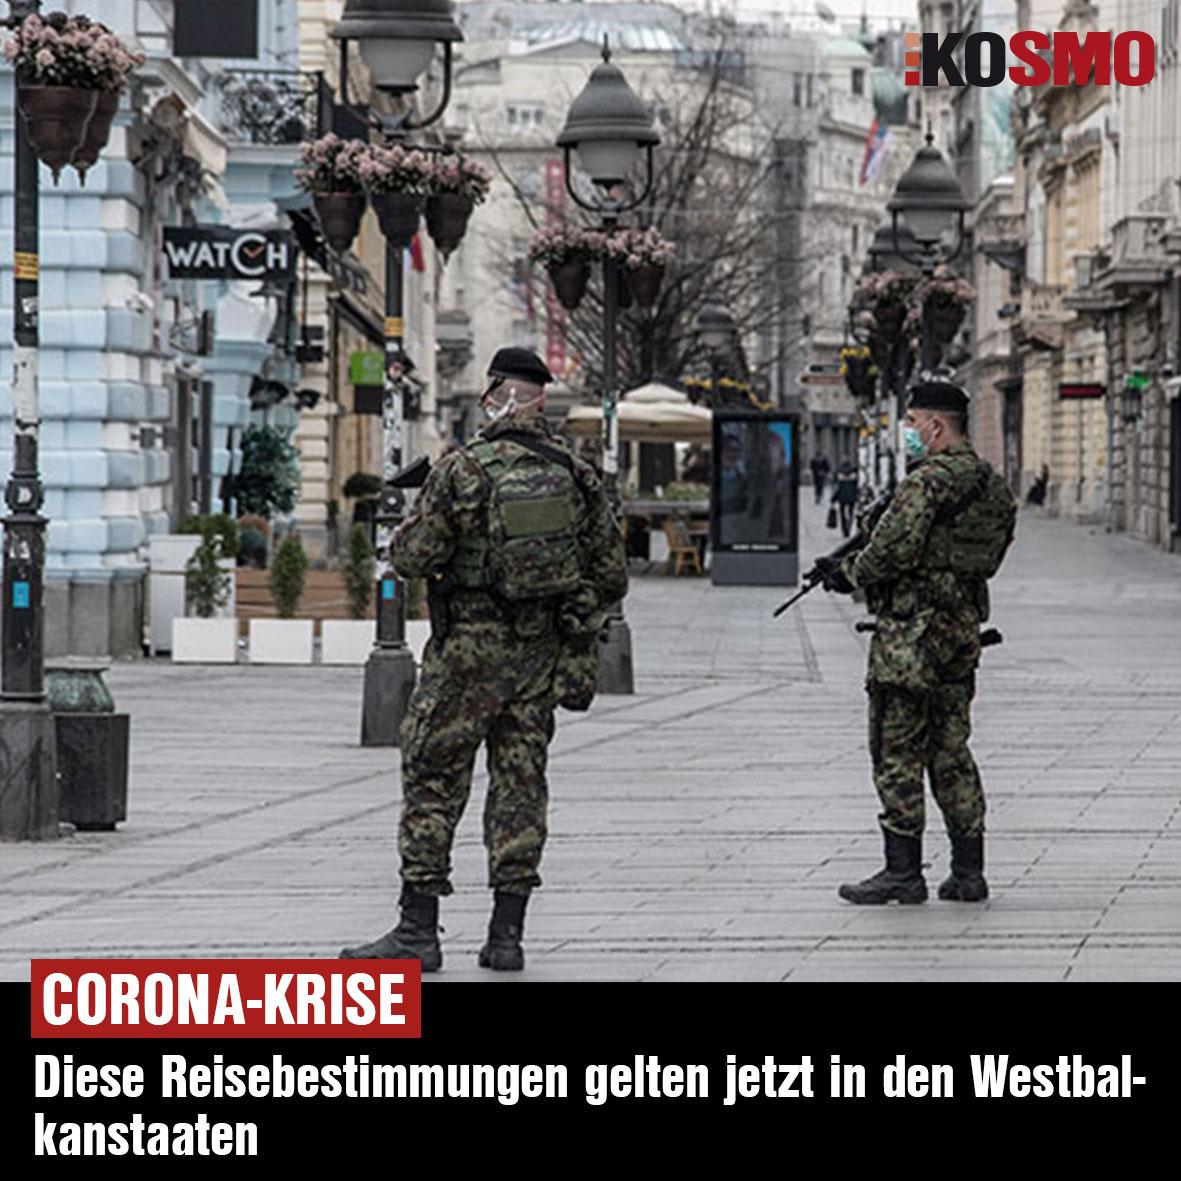 POLIZEI_SCHUTZMASKE_SERBIEN_GEWEHR_SOLDATEN_INSTAGRAM